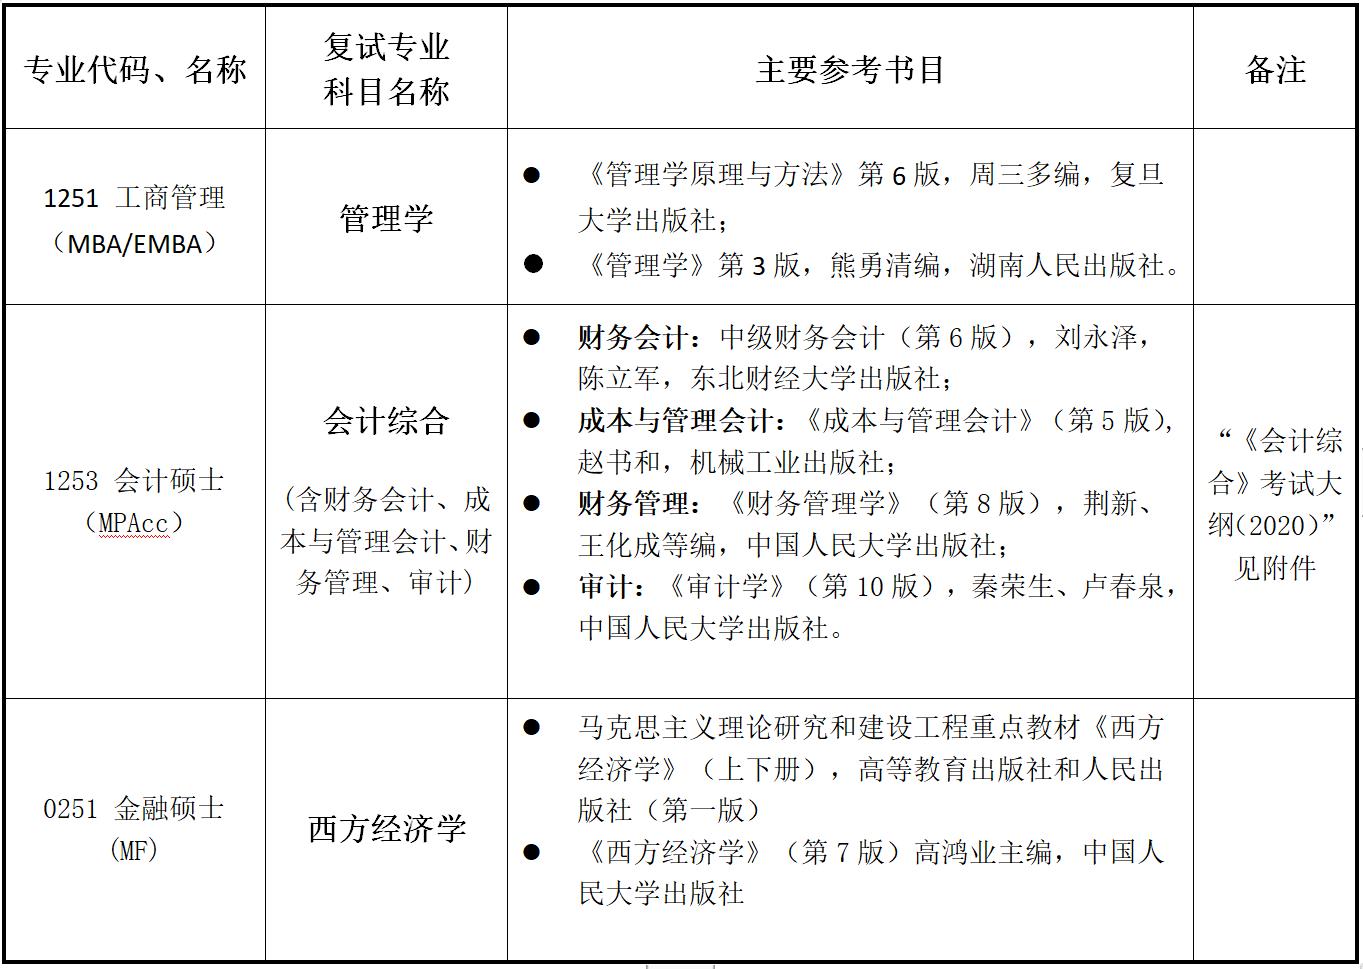 中南大学商学院2020考研复试参考书目